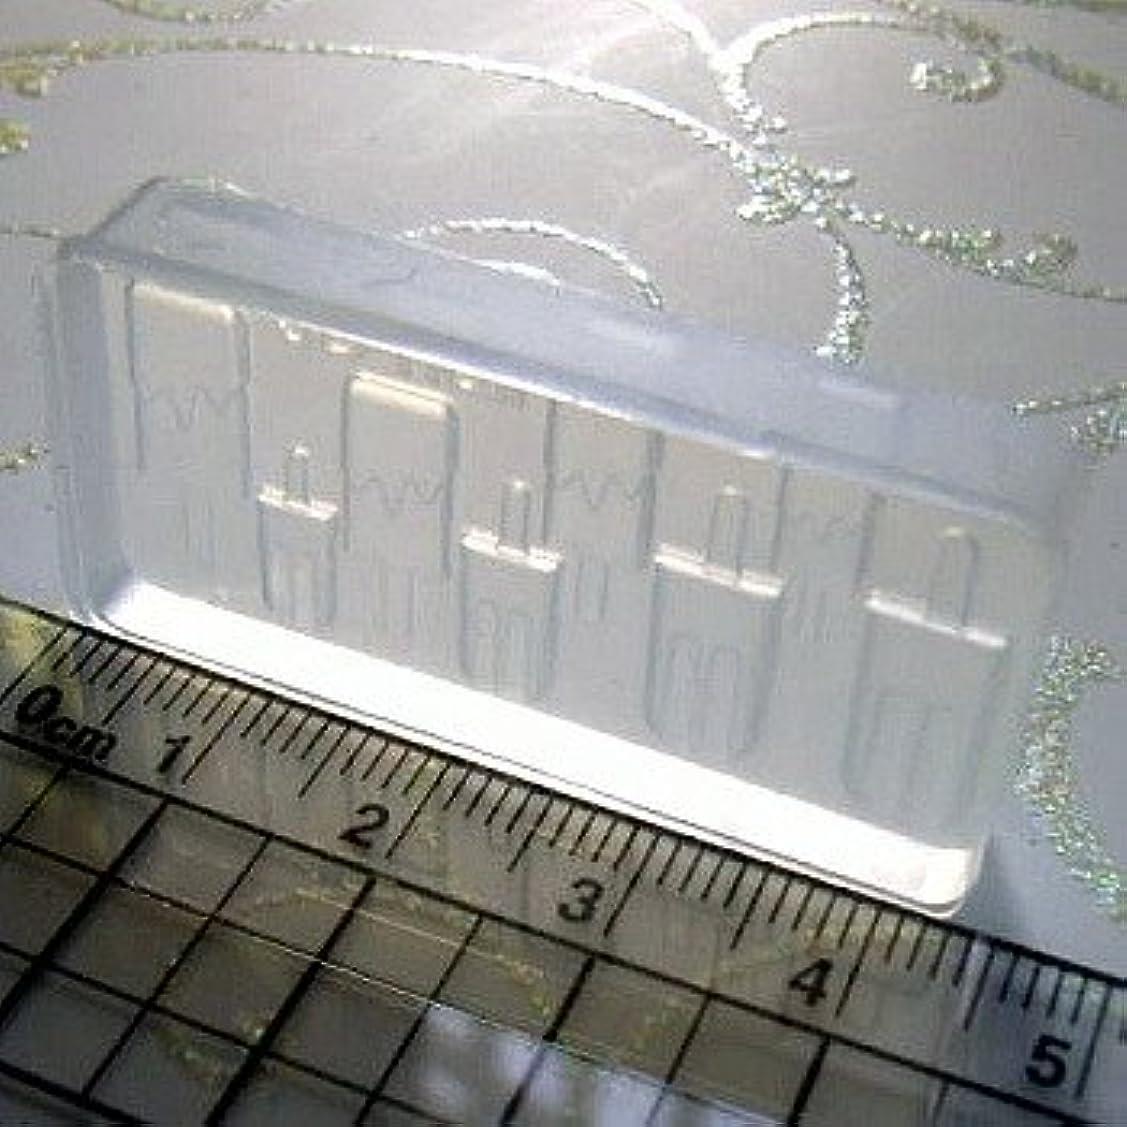 フラグラント歩く重要3Dシリコンモールド 自分でできる3Dネイル ネイルアート3D シリコン型 アクリルパウダーやジェルで簡単に!